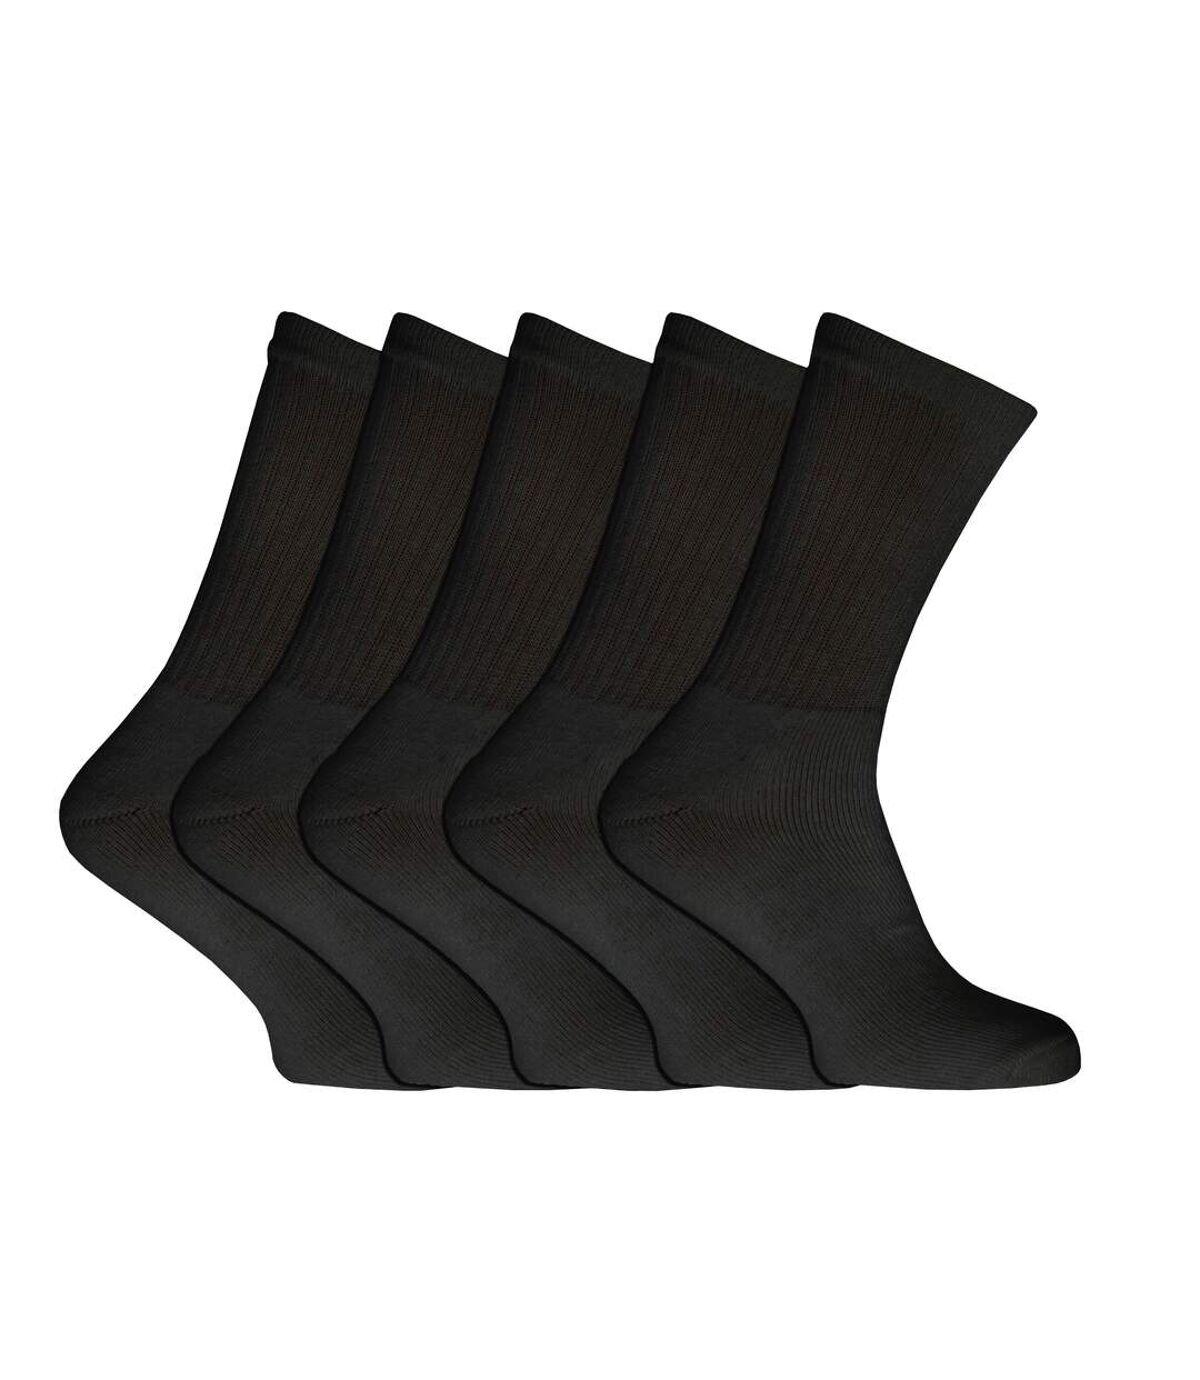 Mens Plain Sports Socks (Pack Of 5) (Black) - UTMB122